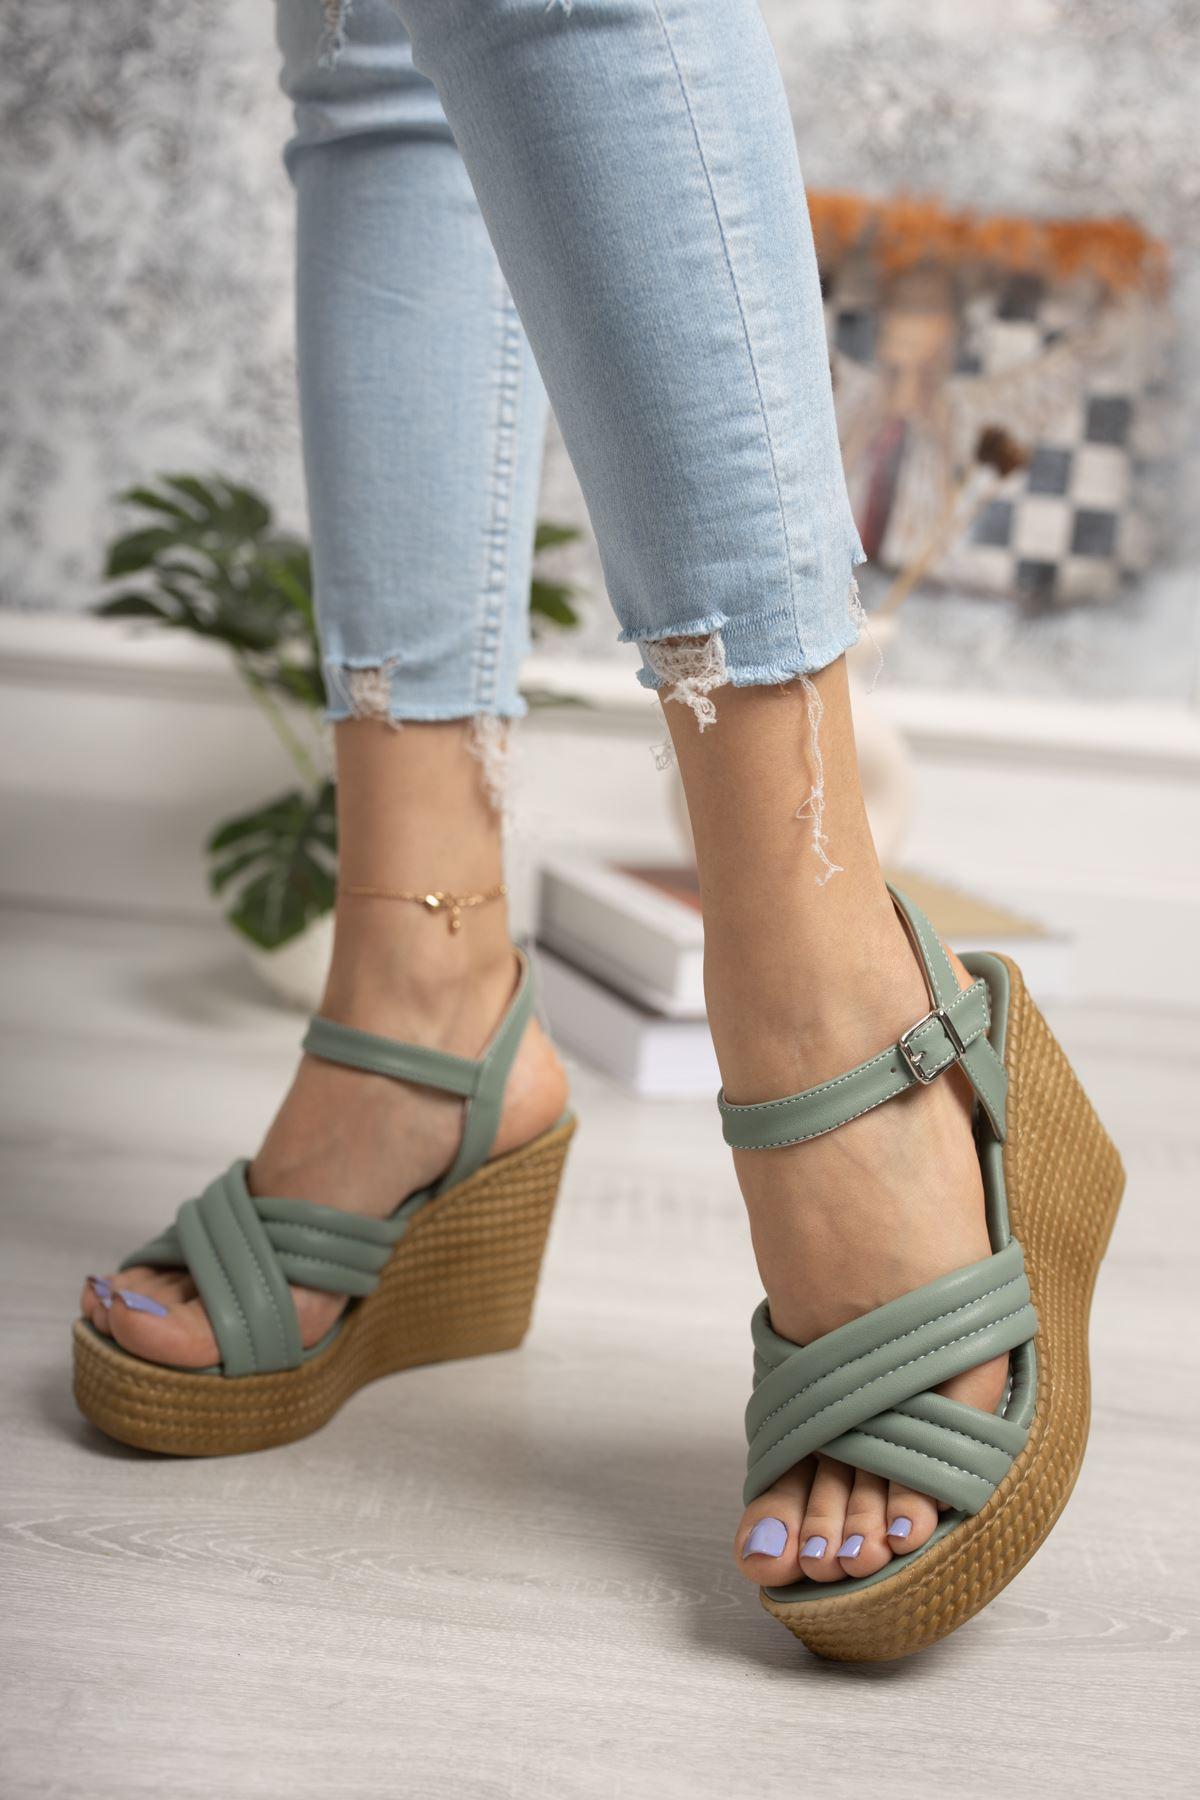 Dolgu Taban Çapraz Model Mint Yeşil Sandalet